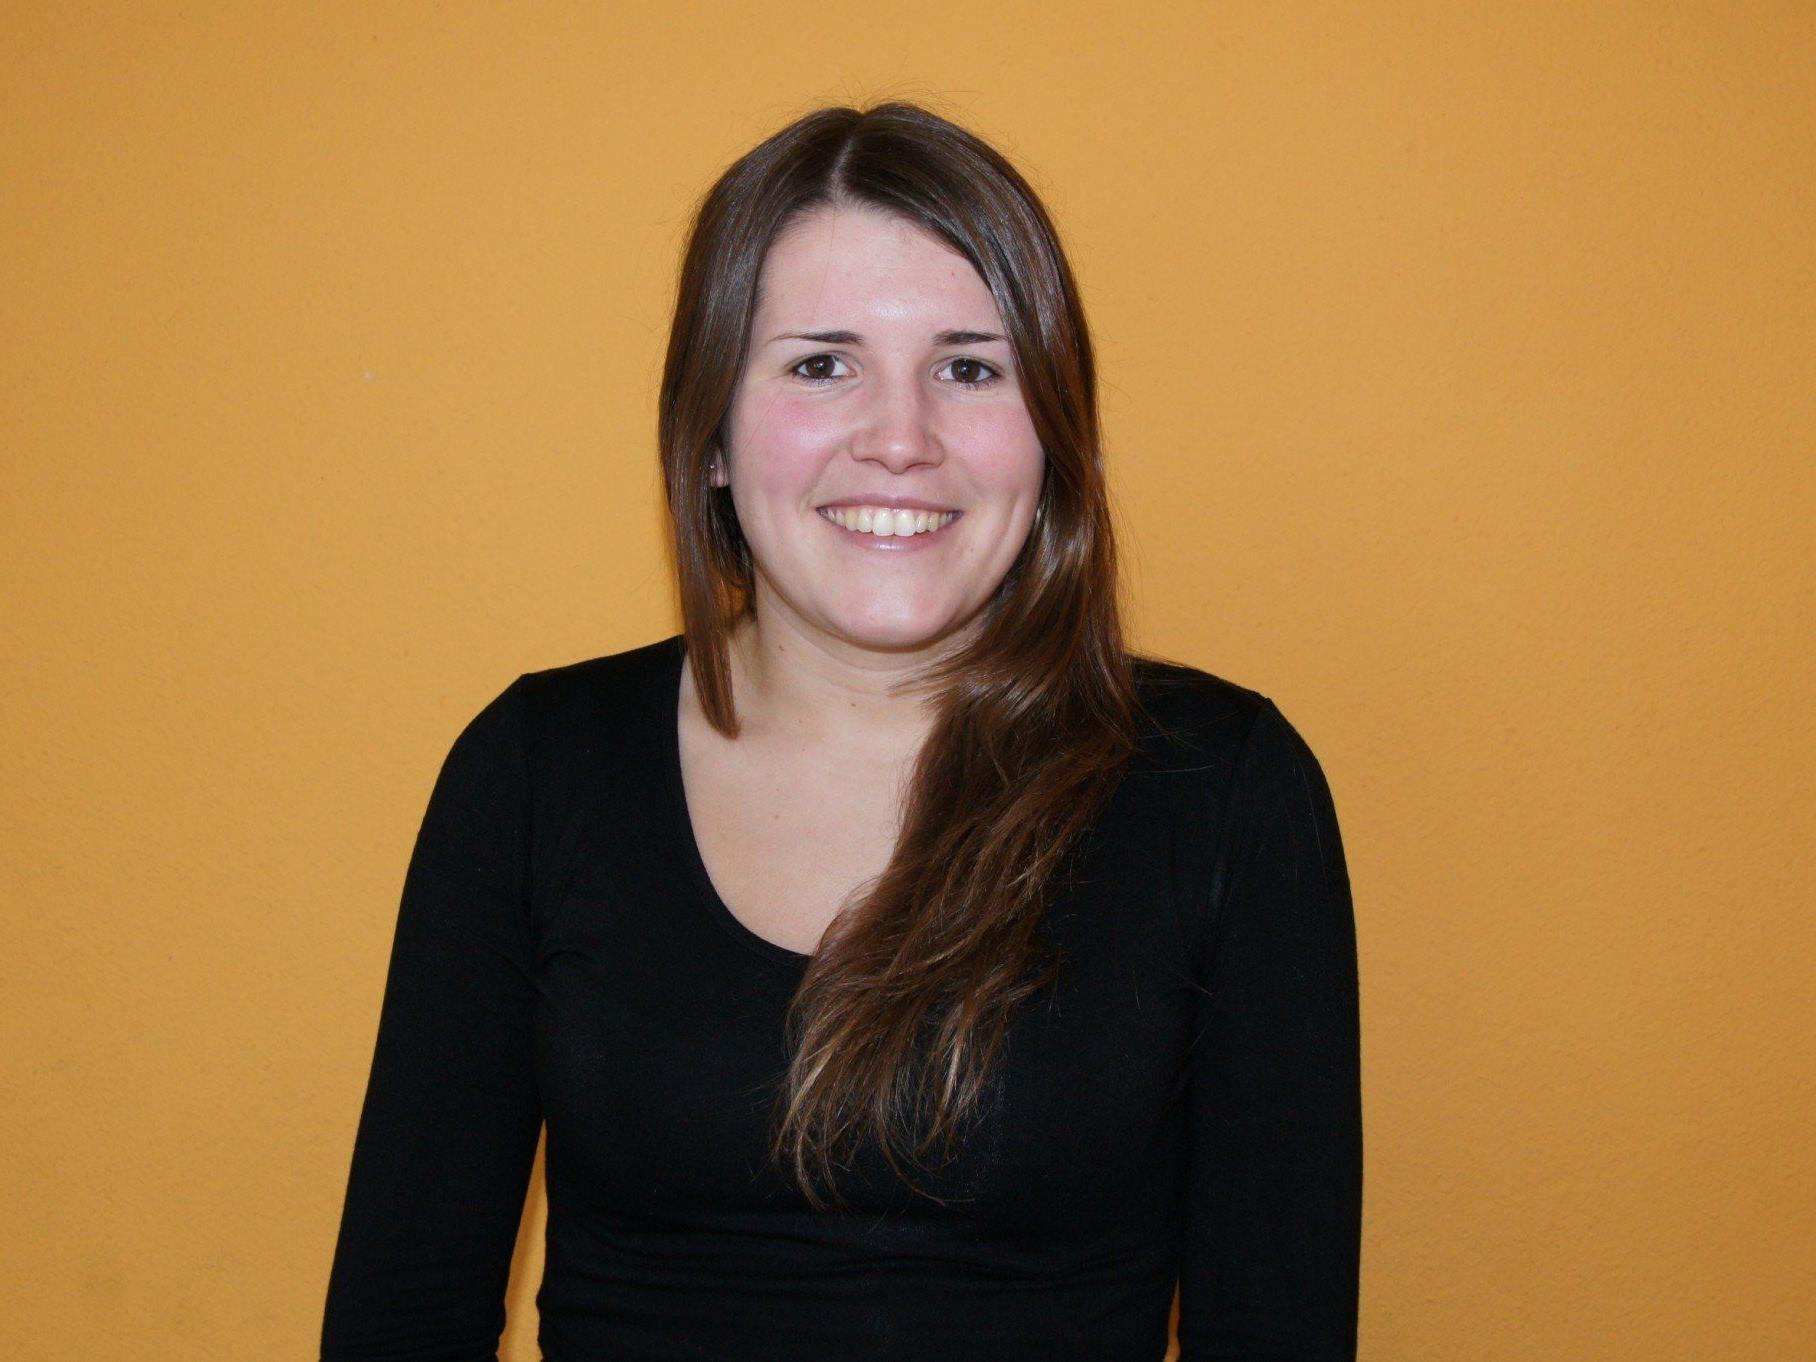 Die 22-jährige Dornbirnerin Daniela Bader trainiert mit Aushängeschild Yvonne van Vlerken.